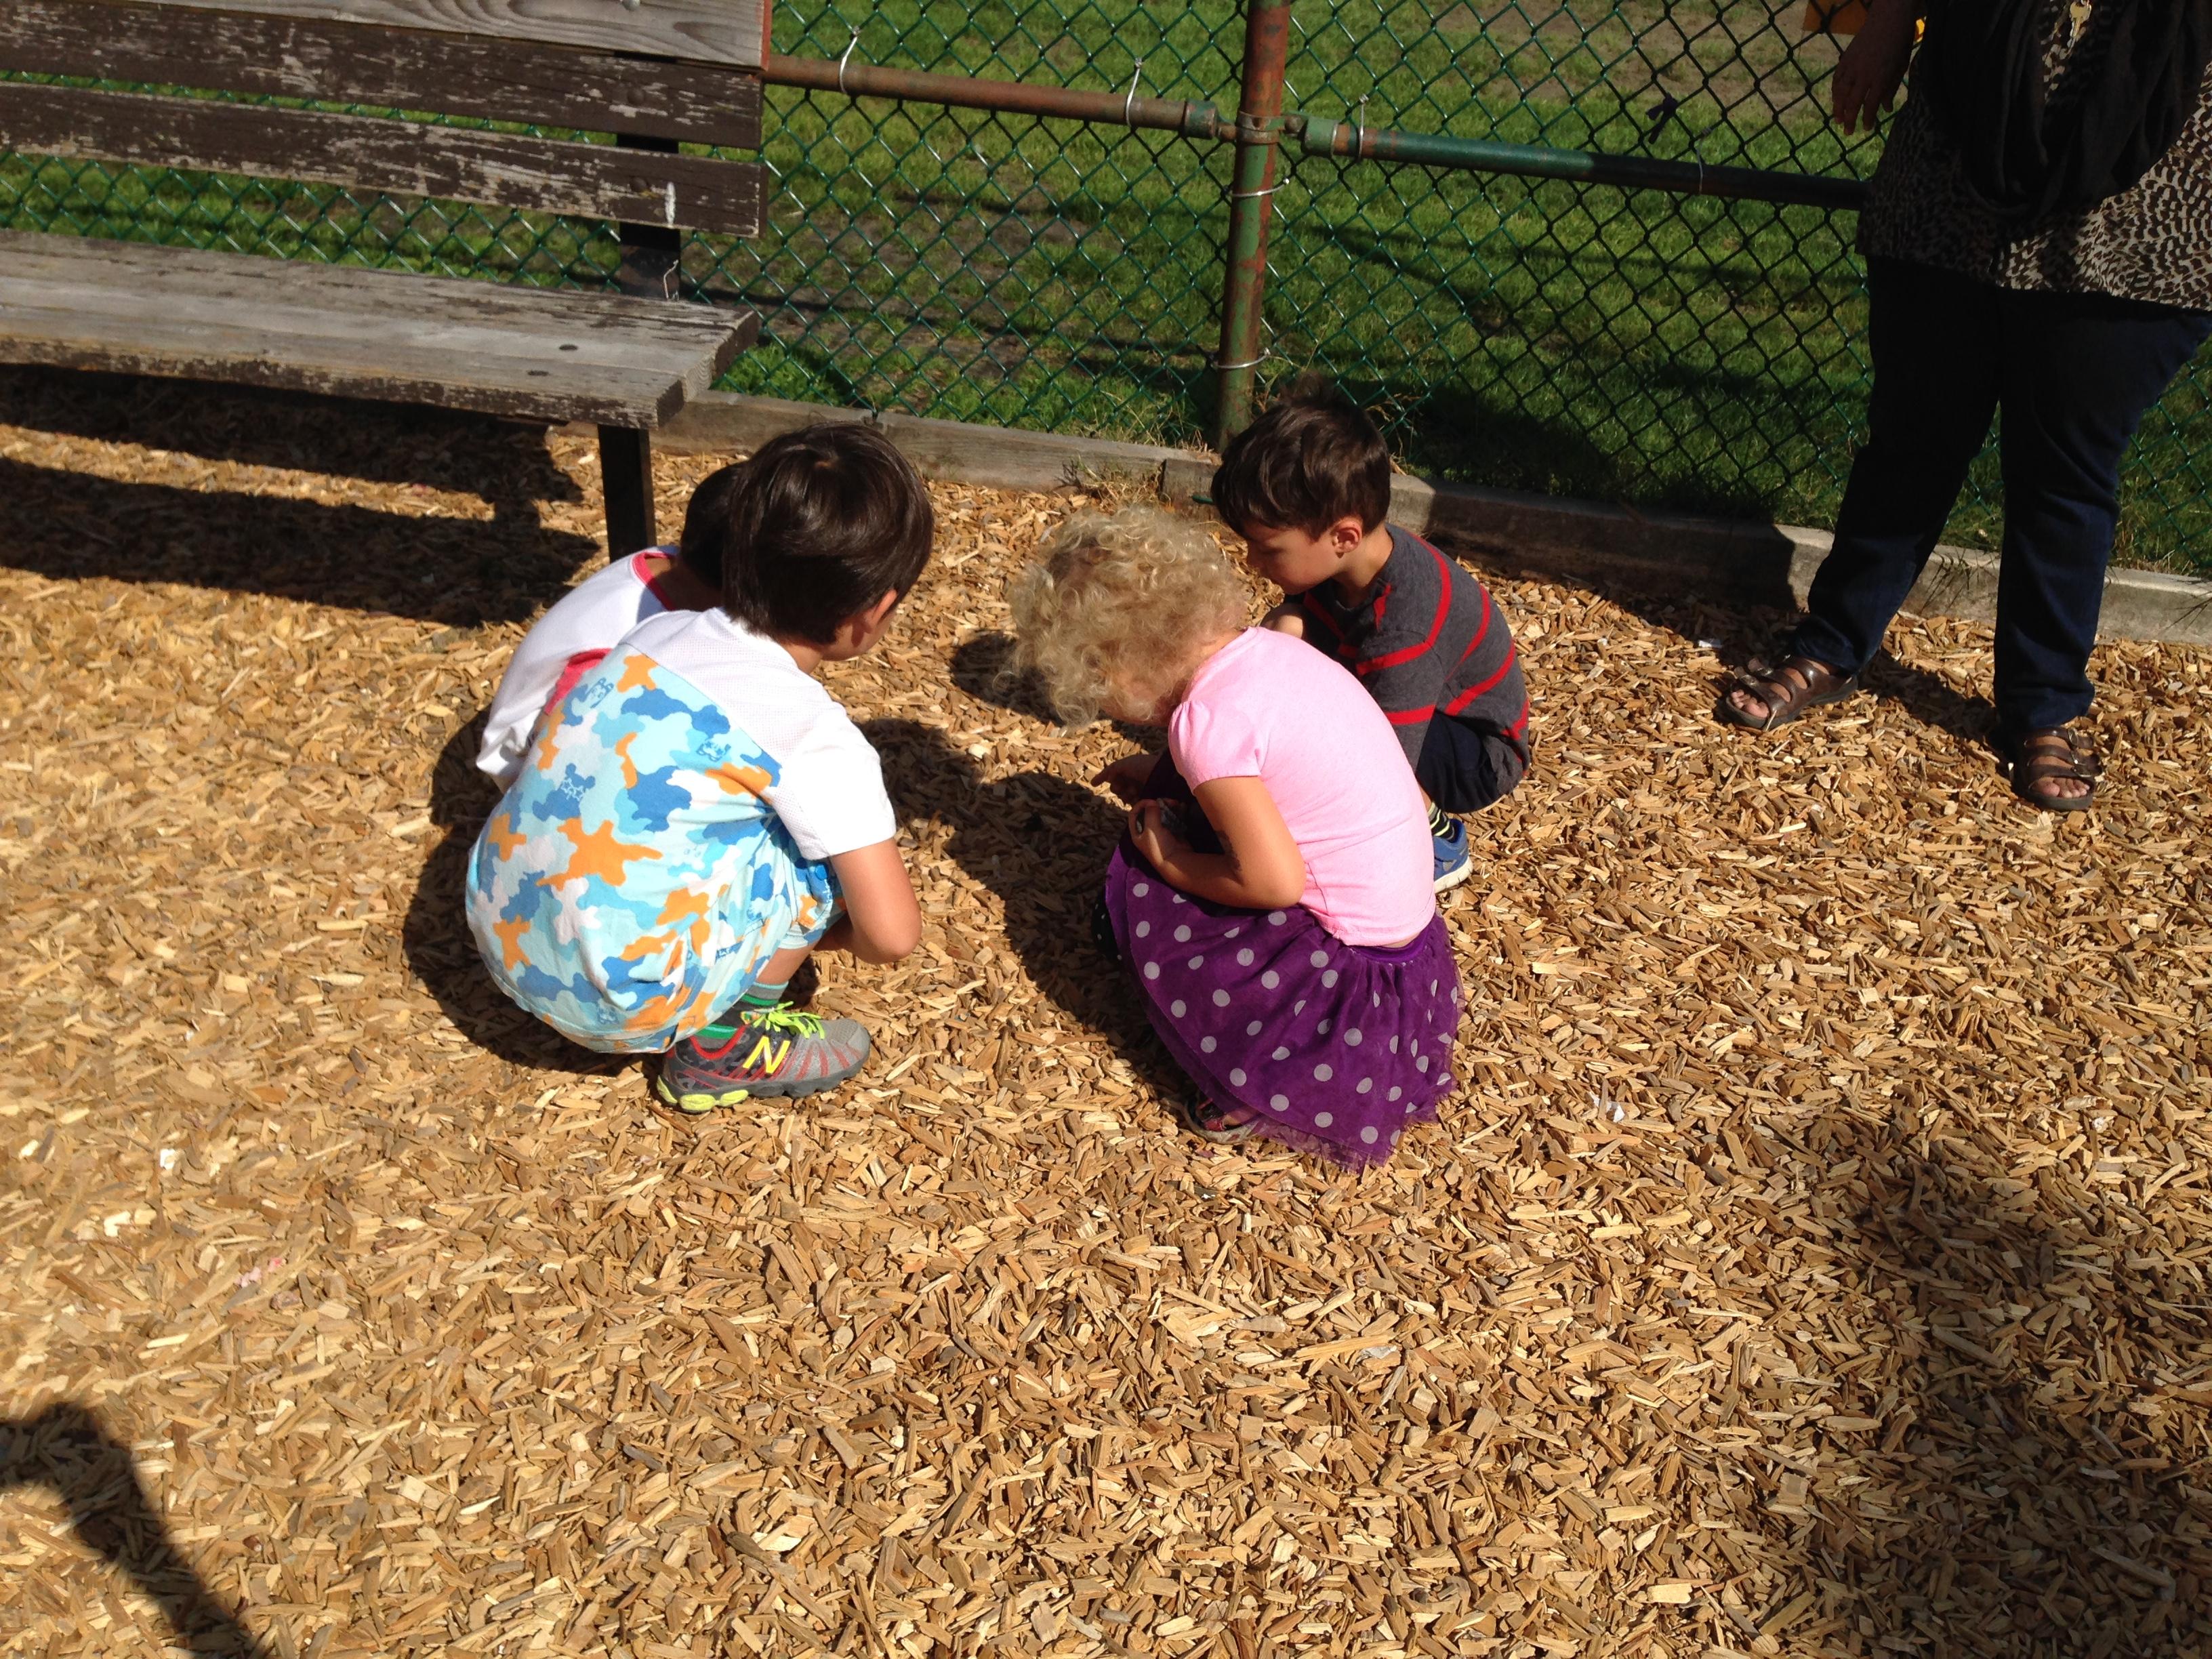 海外での保育ボランティアを通じて学んだ子供との接し方